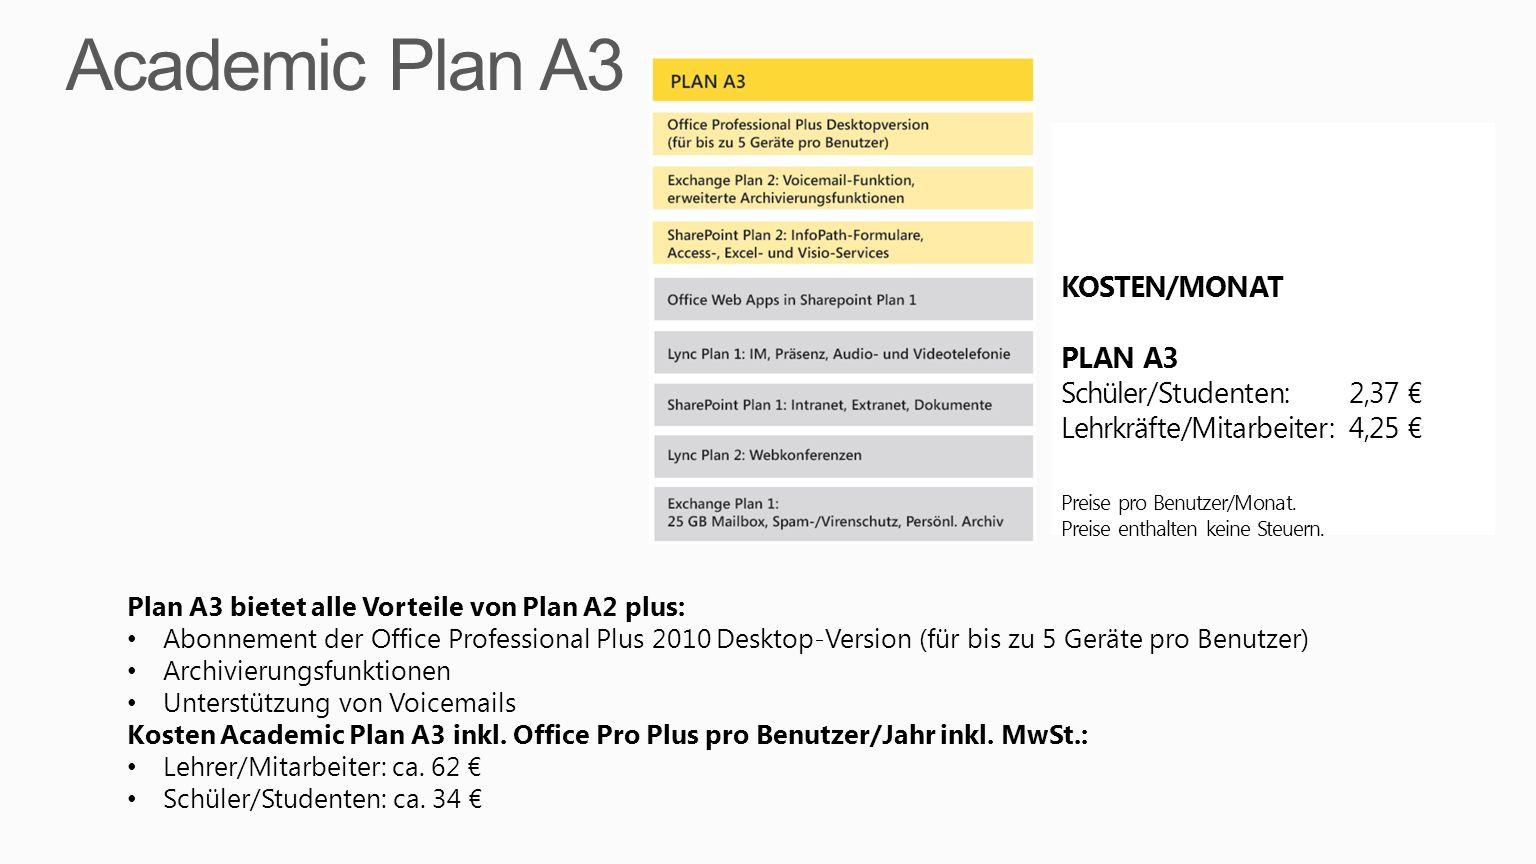 Academic Plan A3 KOSTEN/MONAT PLAN A3 Schüler/Studenten: 2,37 €